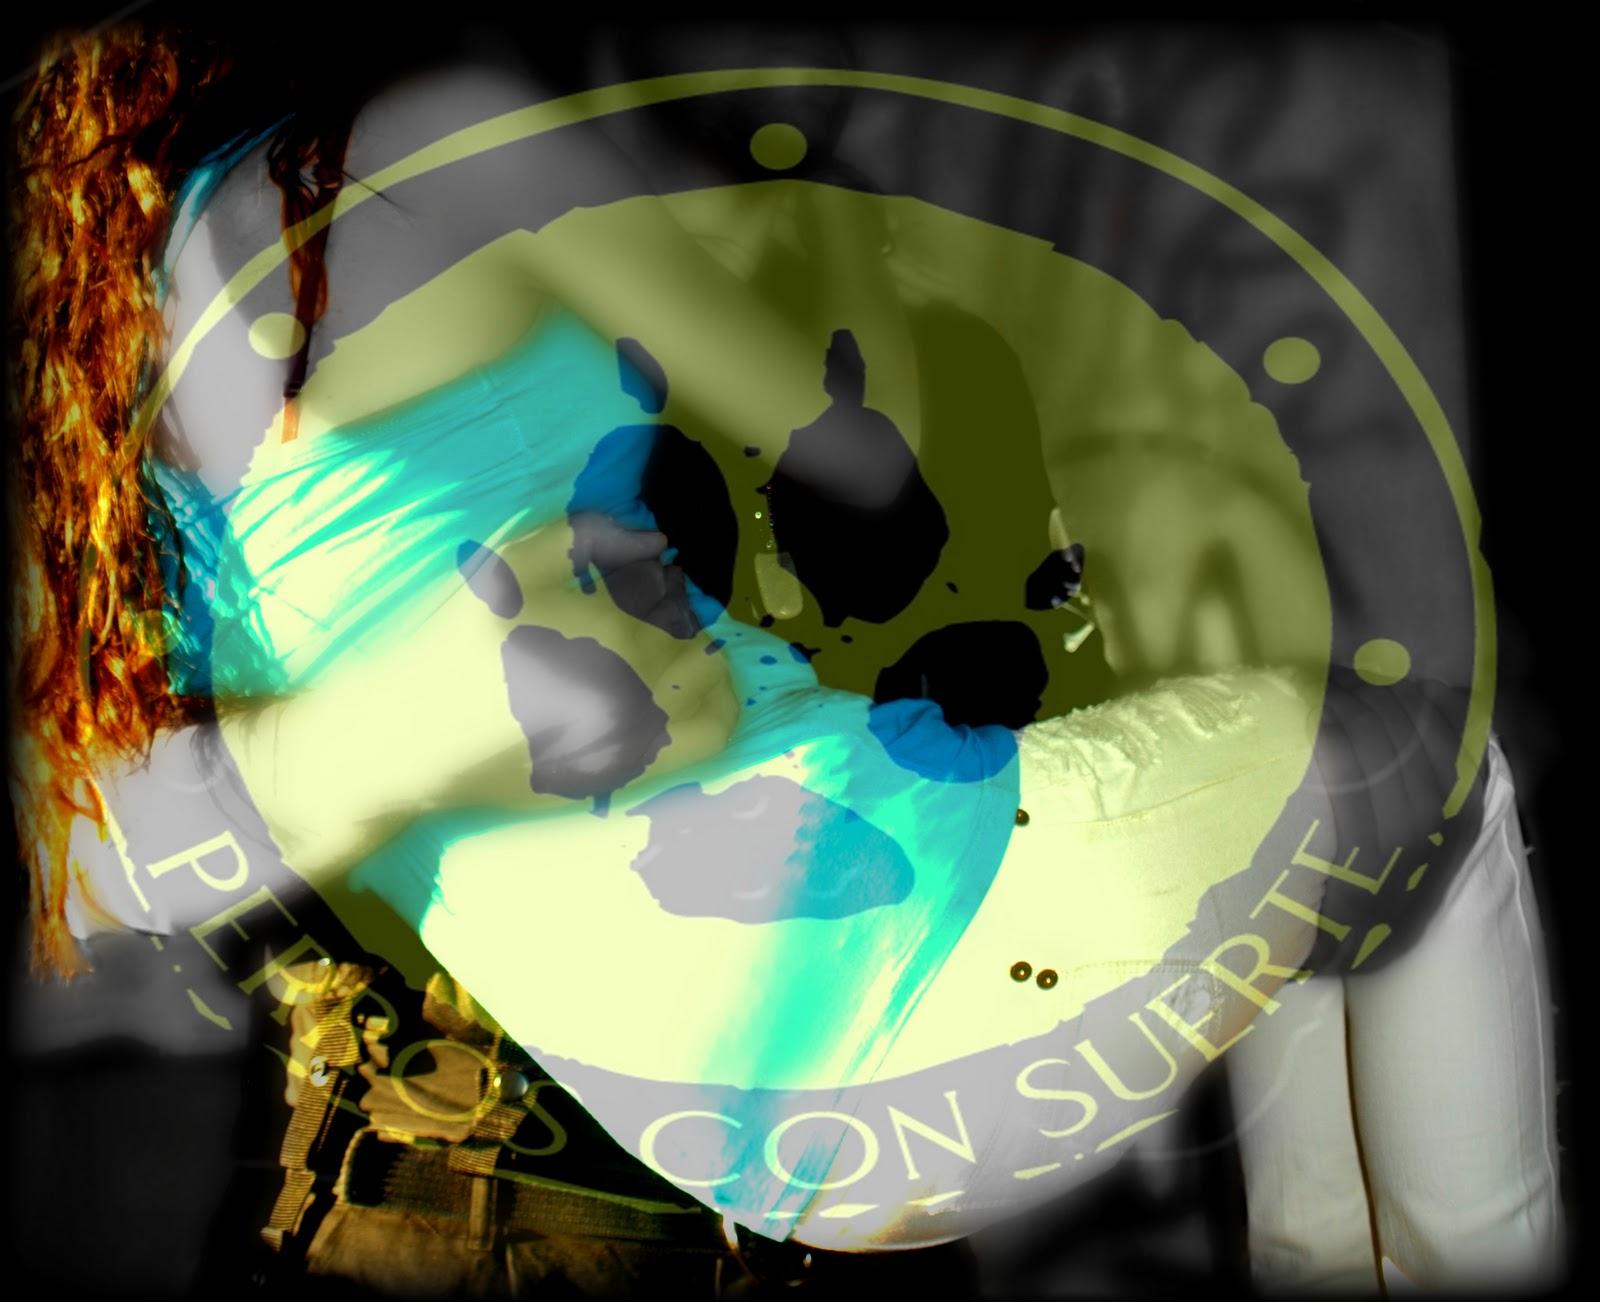 http://4.bp.blogspot.com/-Io4mqUAPiv0/TtgvcjSjBkI/AAAAAAAAGYU/ZM2KPYSG4jw/s1600/cats99.jpg